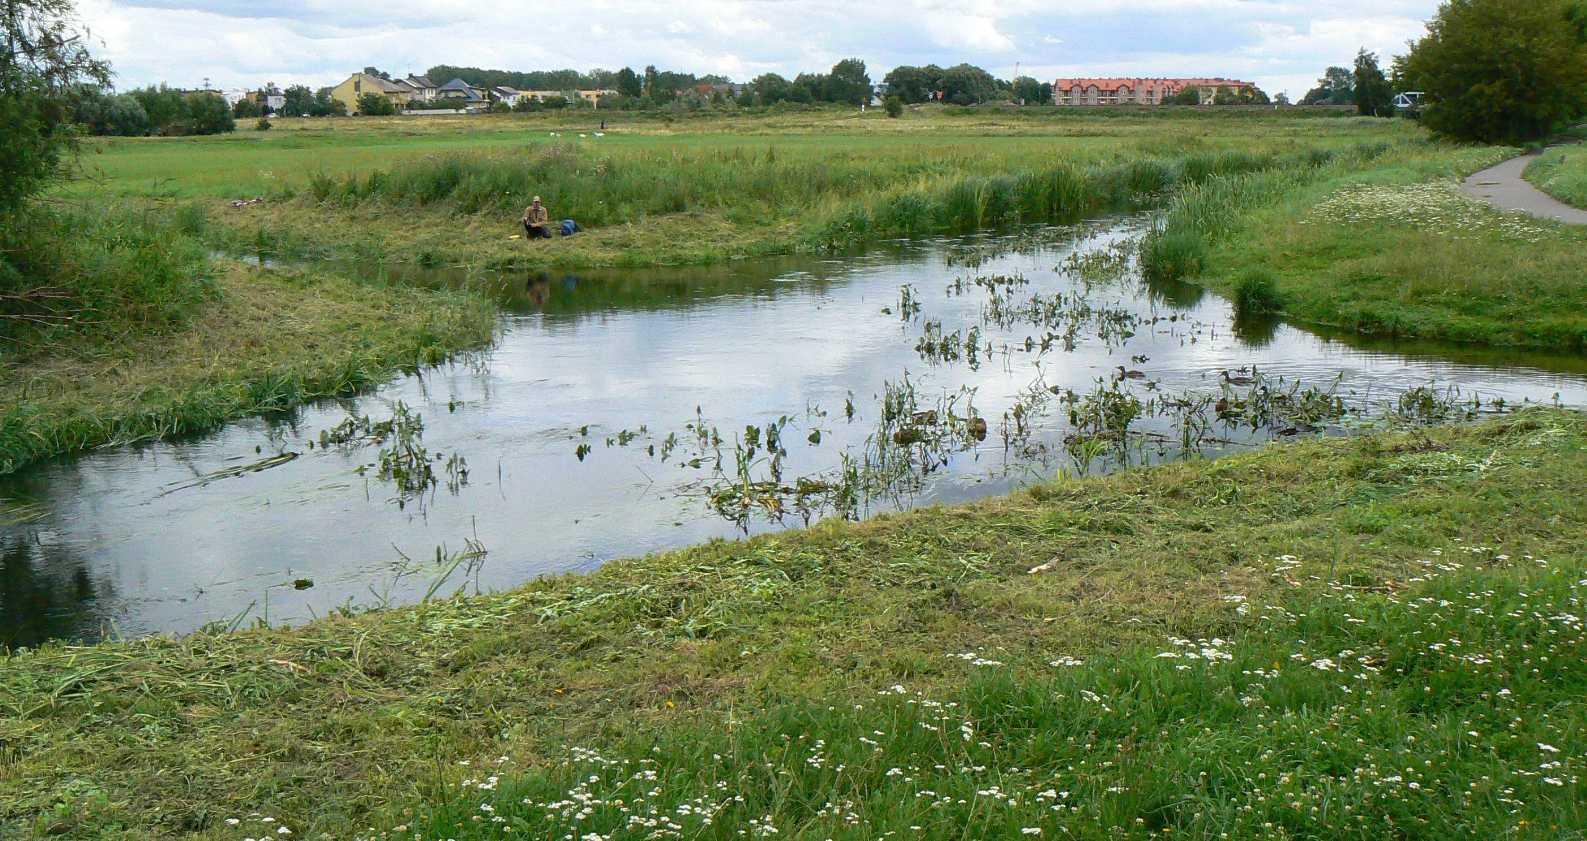 Croisement de rivières sans mélange des eaux - Wagrowiec - Pologne 2014-116